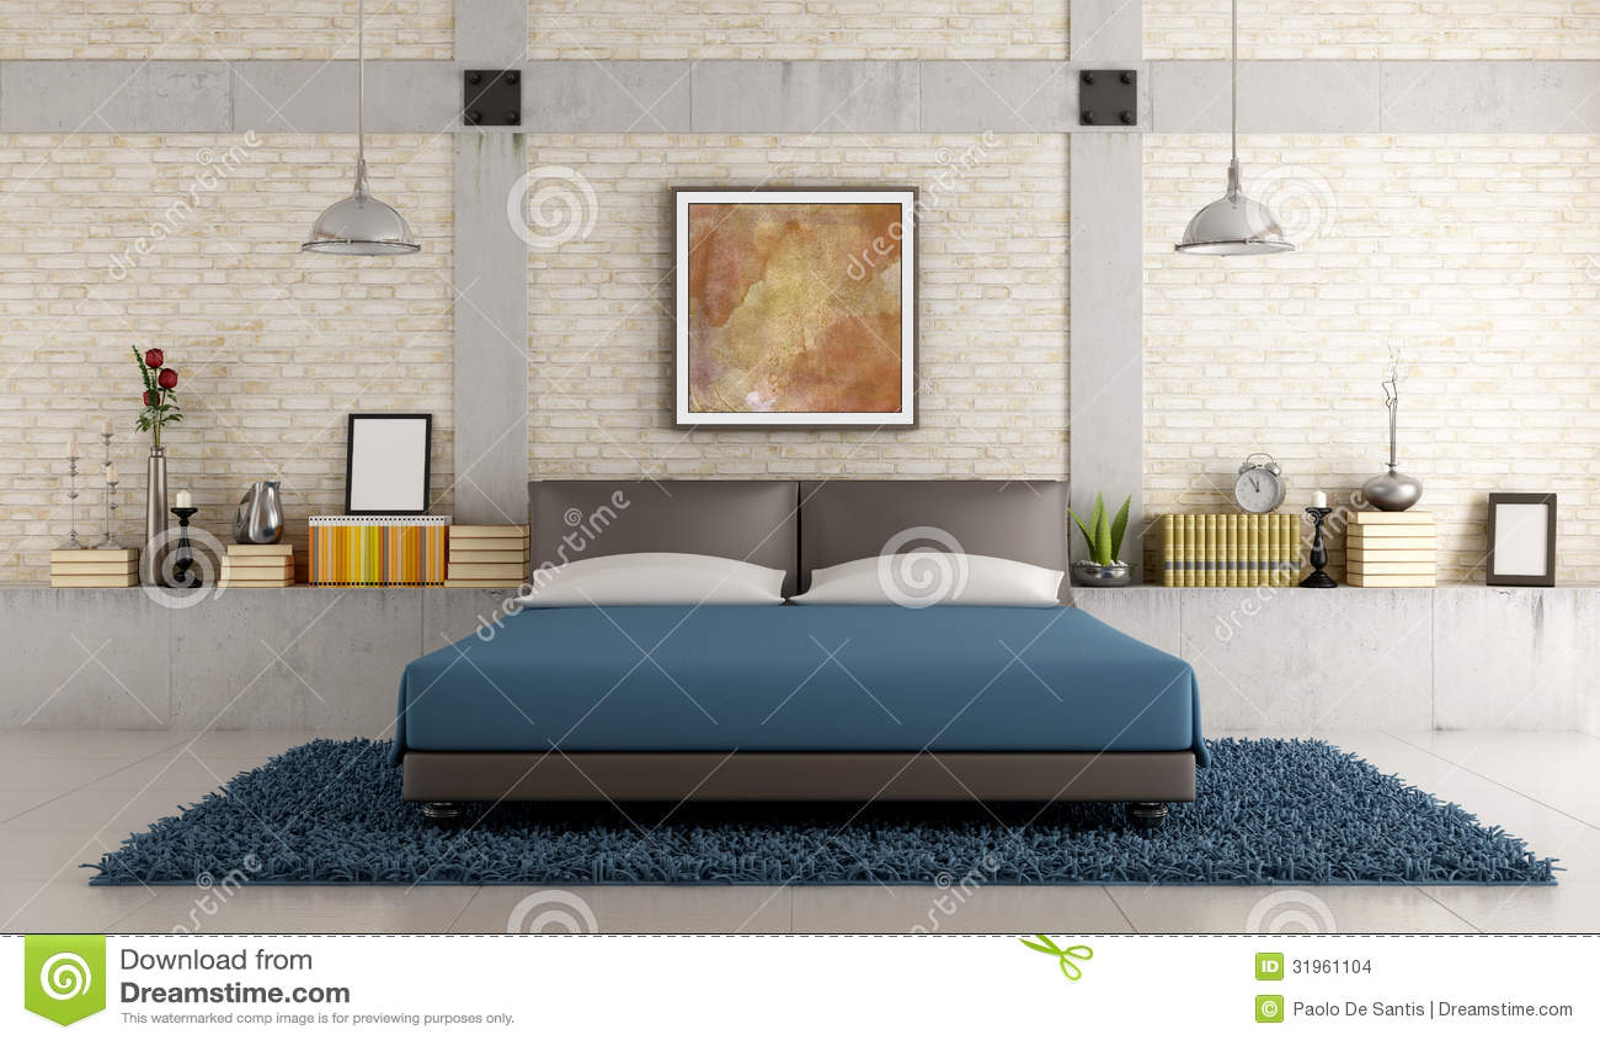 Camera da letto contemporanea in un sottotetto immagini - Stanza da letto contemporanea ...